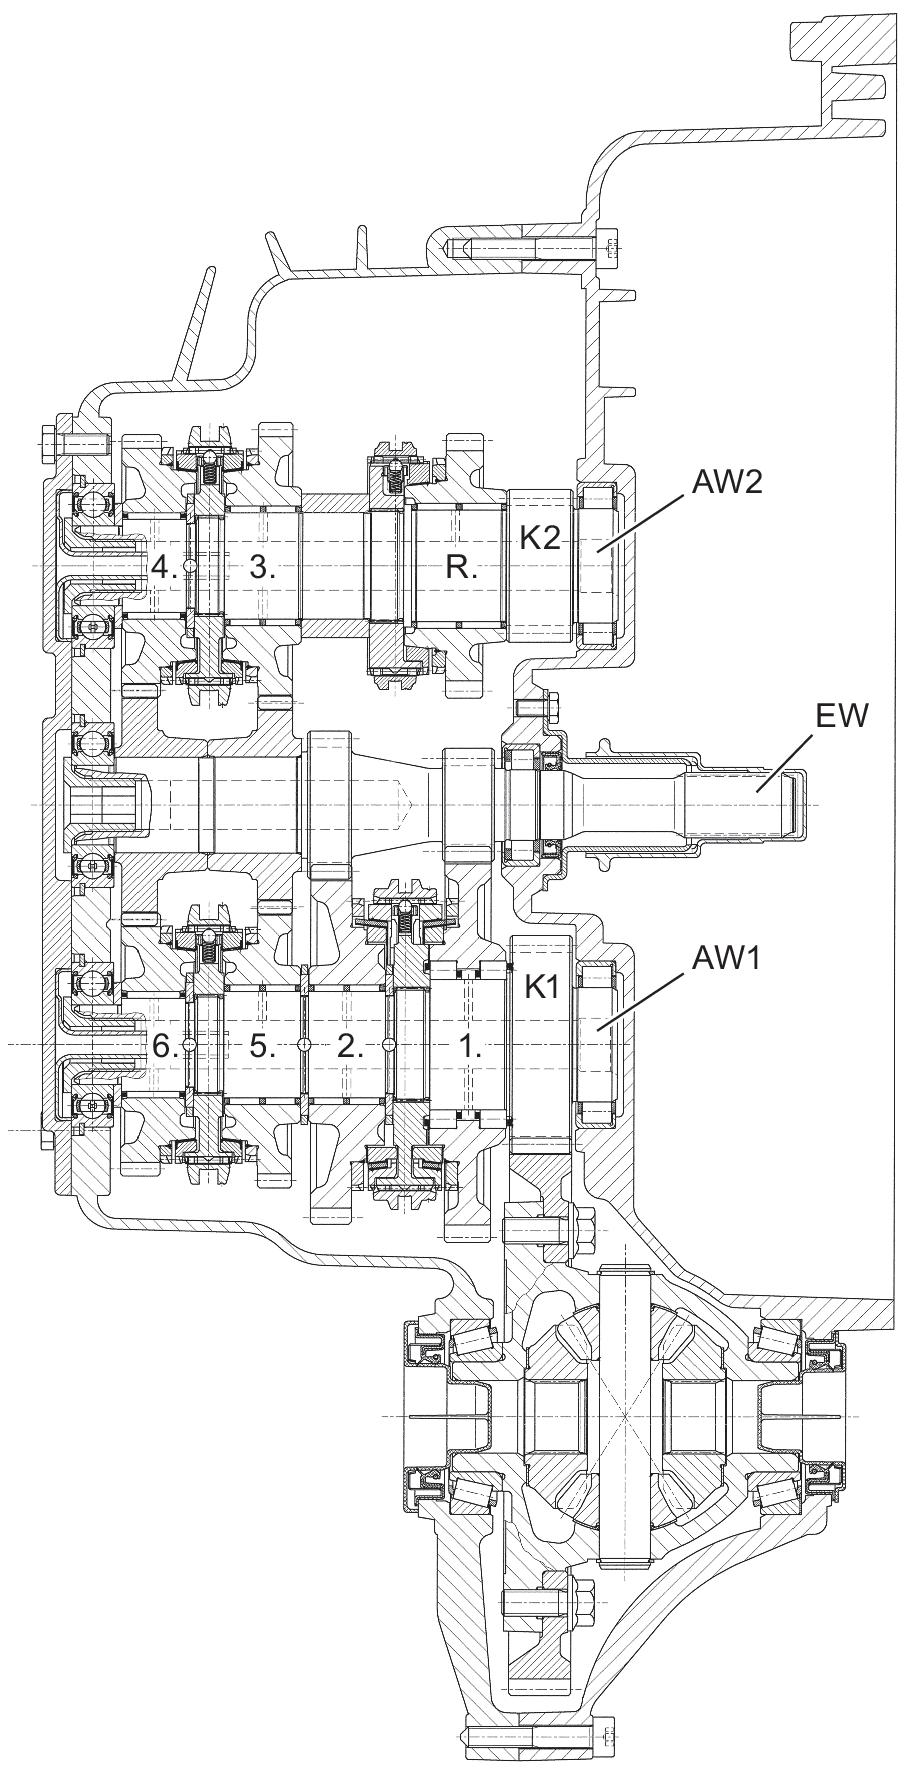 Beispiele ausgeführter Konstruktionen von Fahrzeuggetrieben ... on